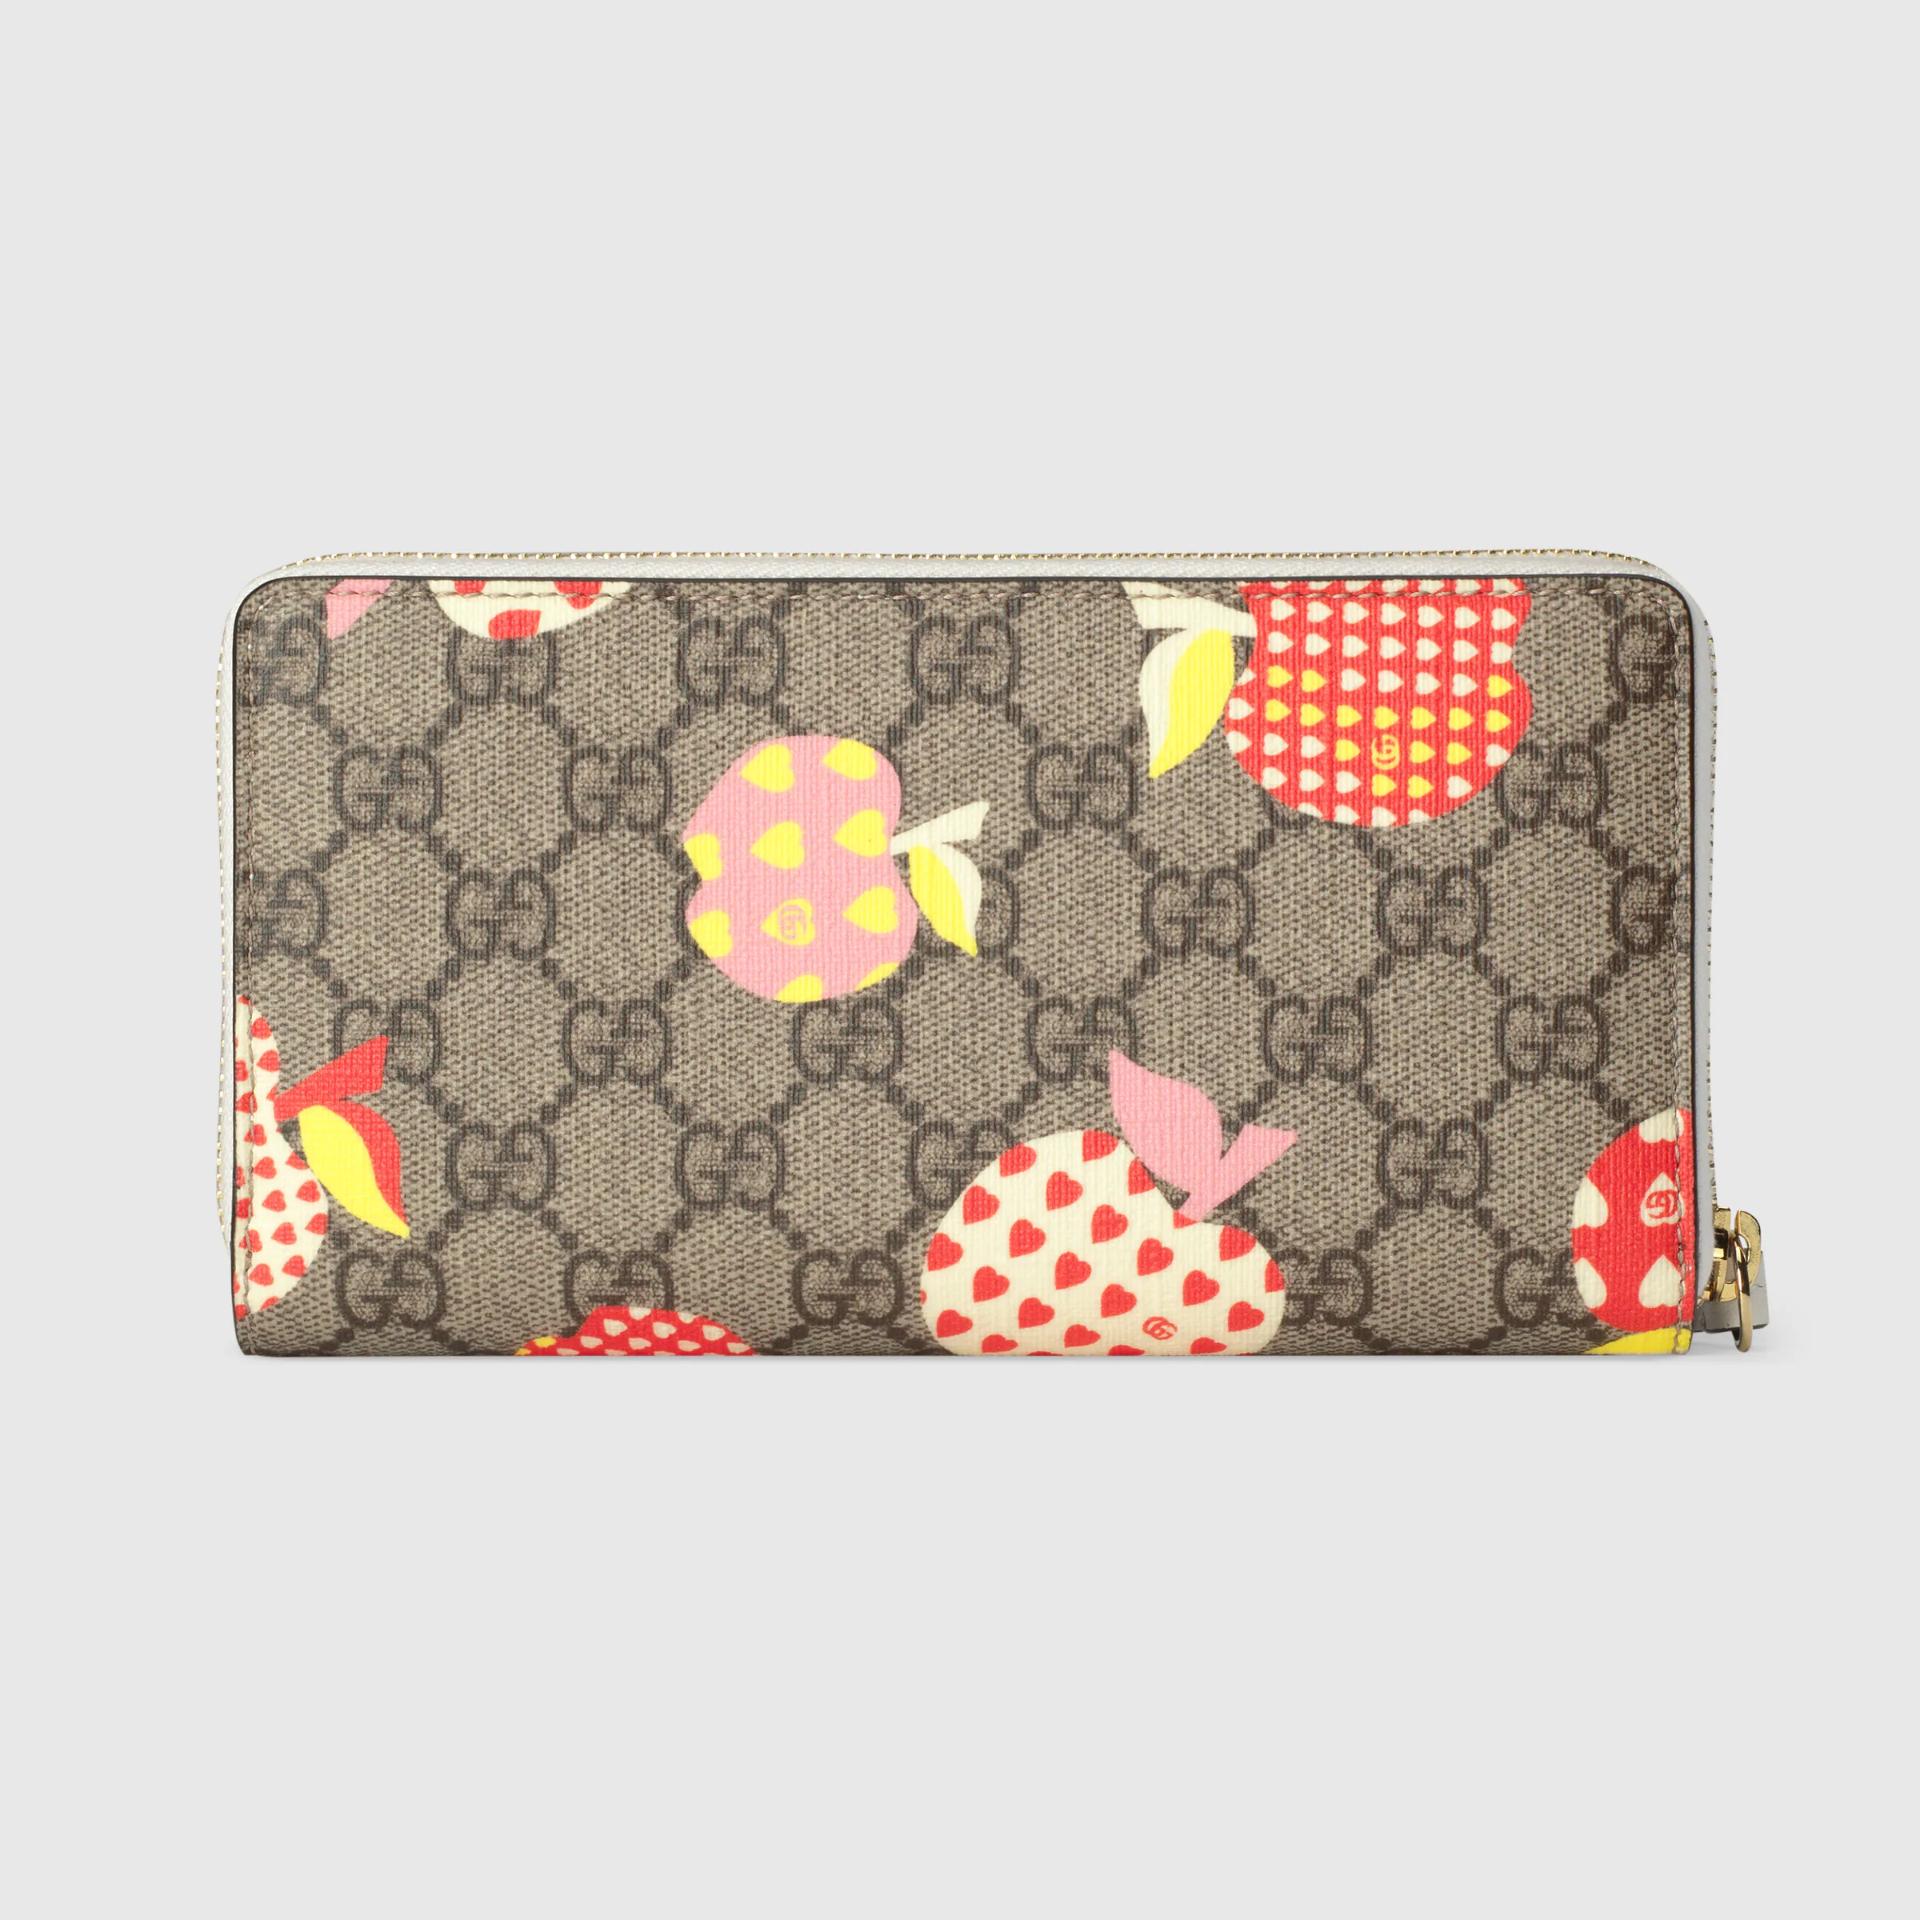 유럽직배송 구찌 GUCCI Gucci - Gucci Les Pommes zip around wallet  66392422KAG9799